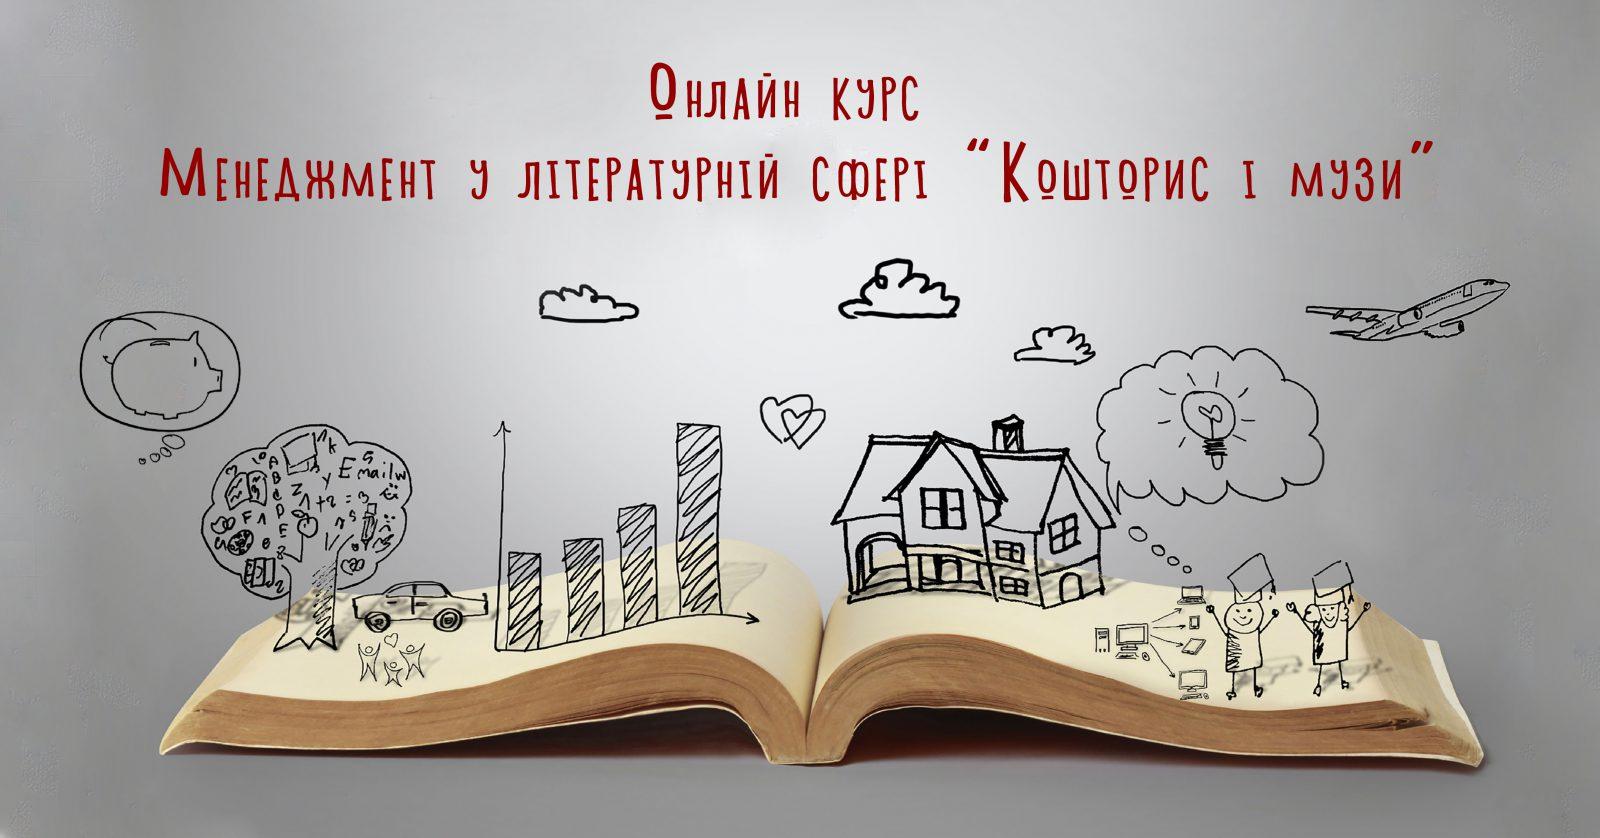 """Дистанційний курс """"Менеджмент у літературній сфері: Кошторис і музи"""""""